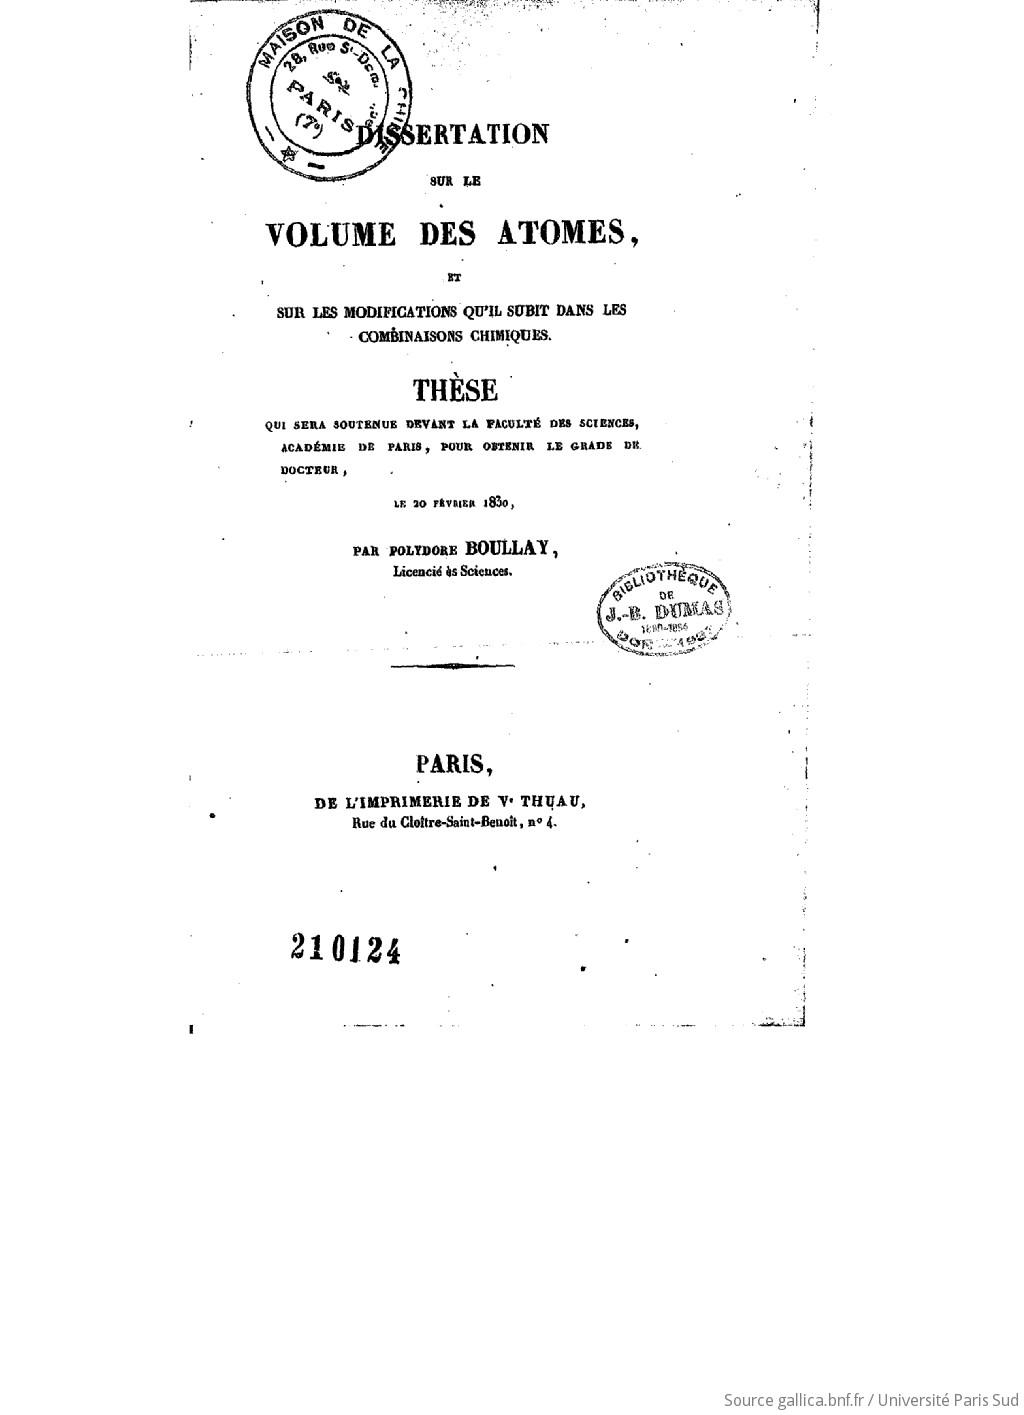 Dissertation sur le volume des atomes, et sur les modifications qu'il subit dans les combinaisons chimiques , thèse qui sera soutenue devant la Faculté des sciences, Académie de Paris, pour obtenir le grade de docteur, le 20 février 1830